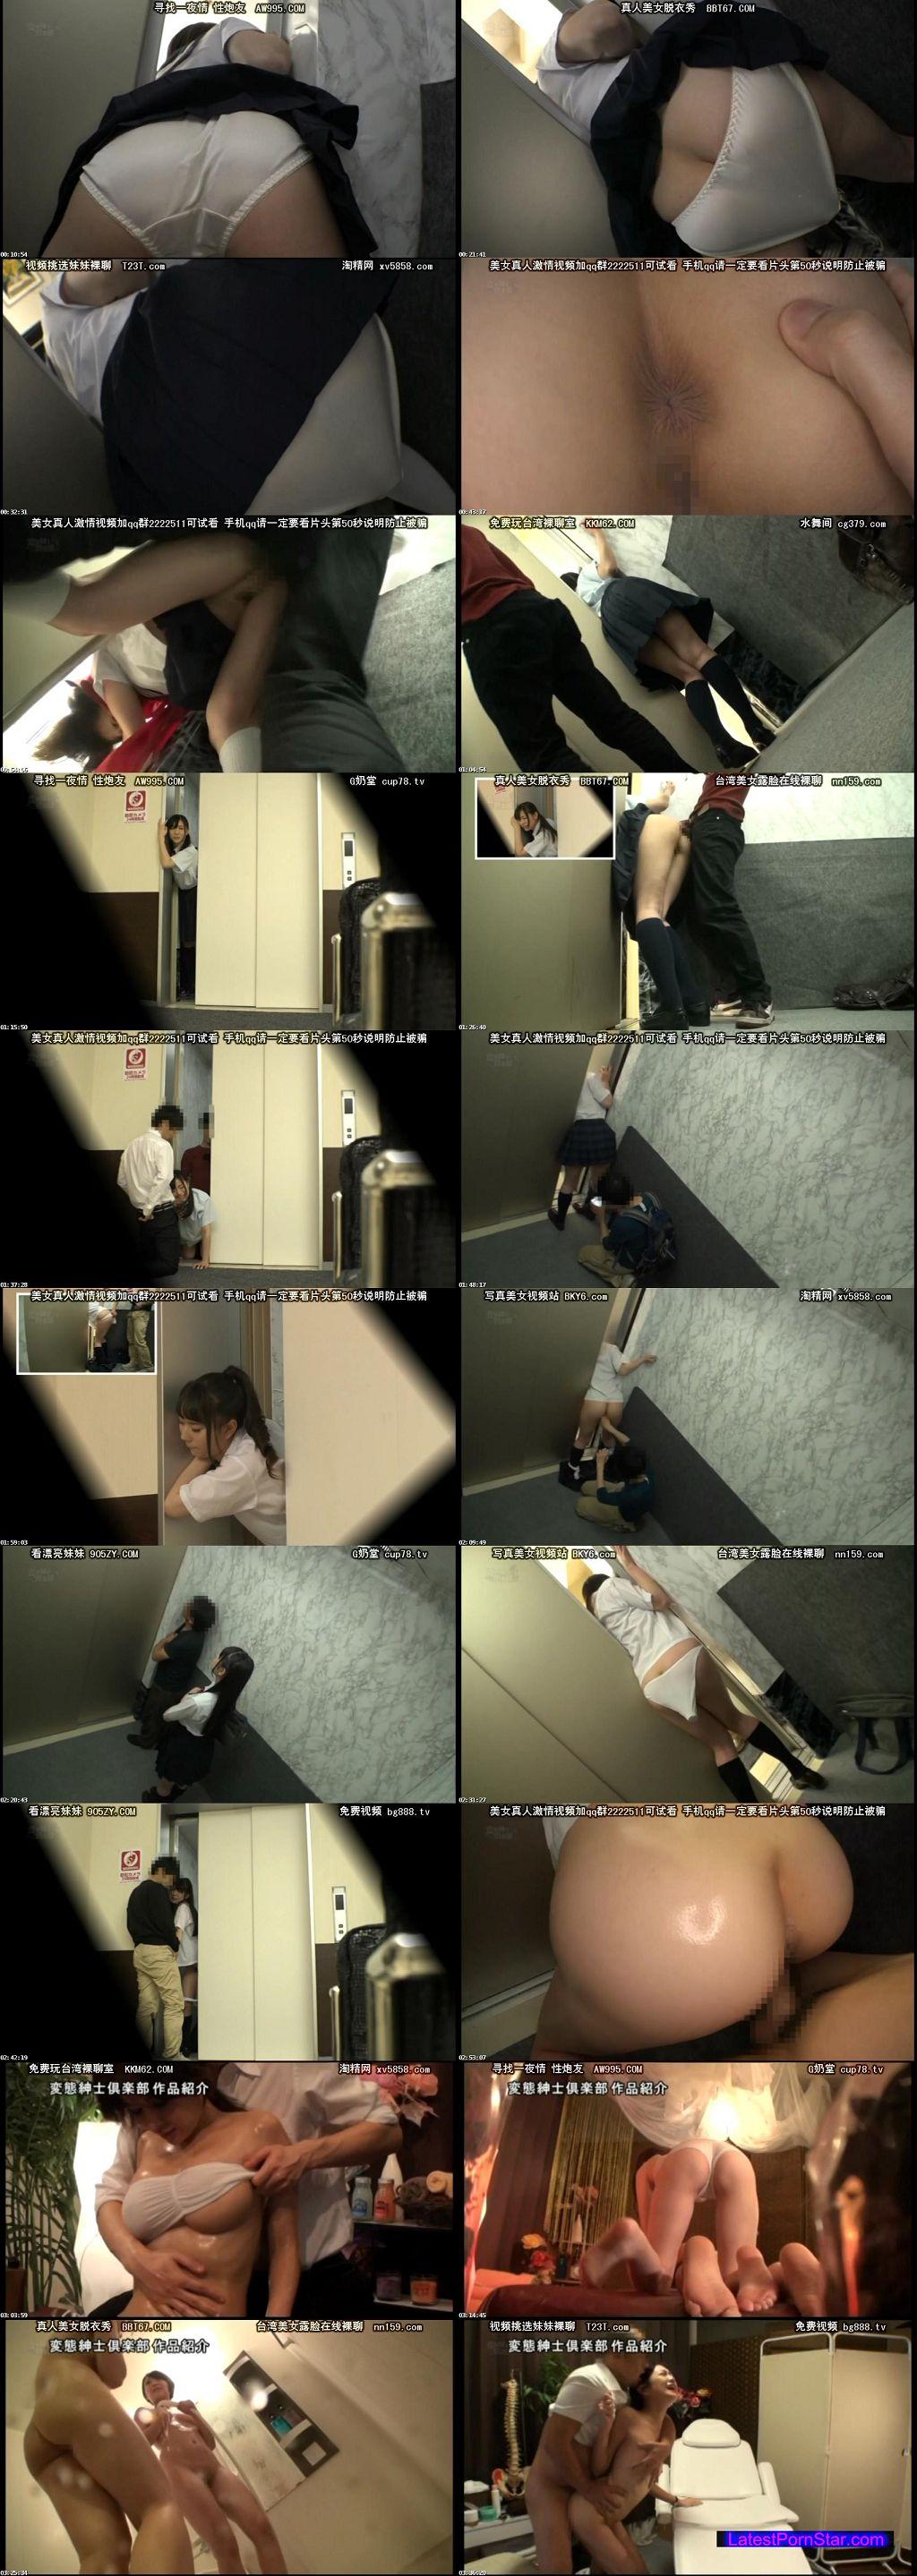 [CLUB-309] リモコン操作できるように改造したエレベーターで女子校生を挟み抜け出せなくさせ、固定バイブで放置してアクメ痴漢レ●プ